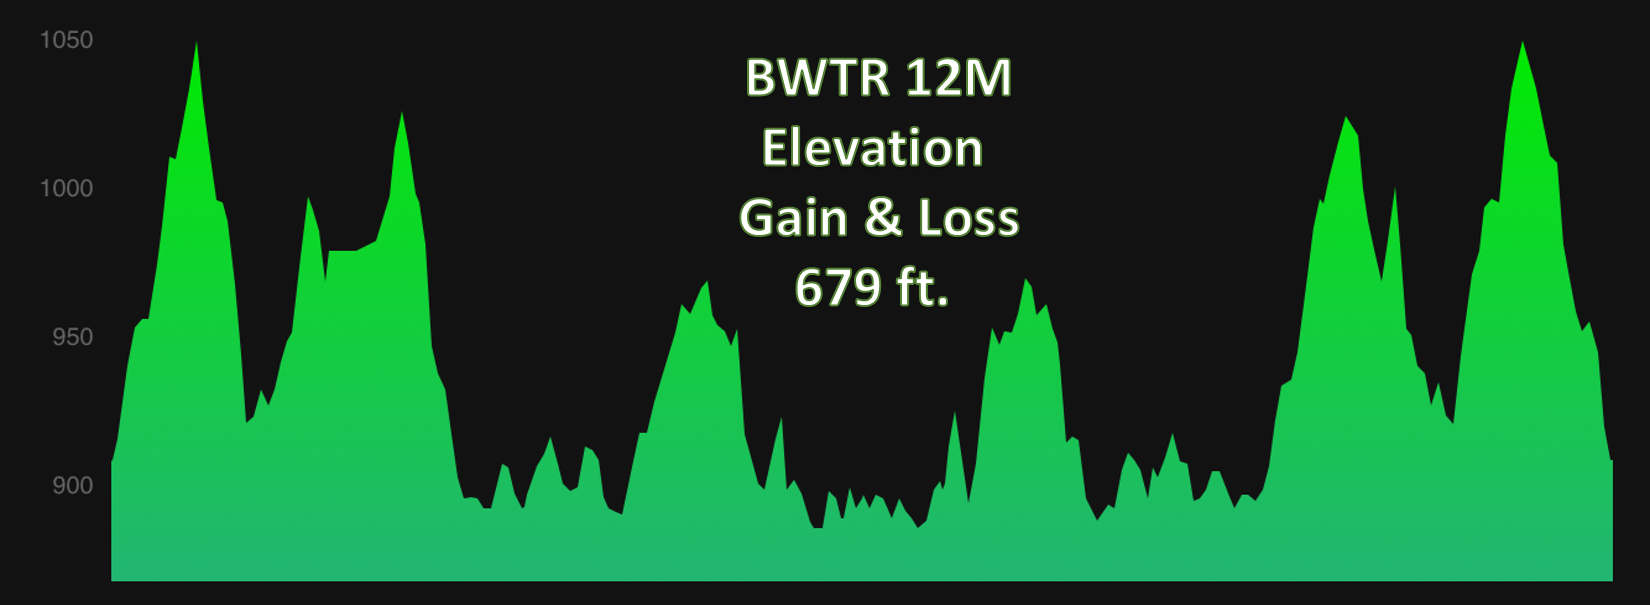 BWTR 12M.png